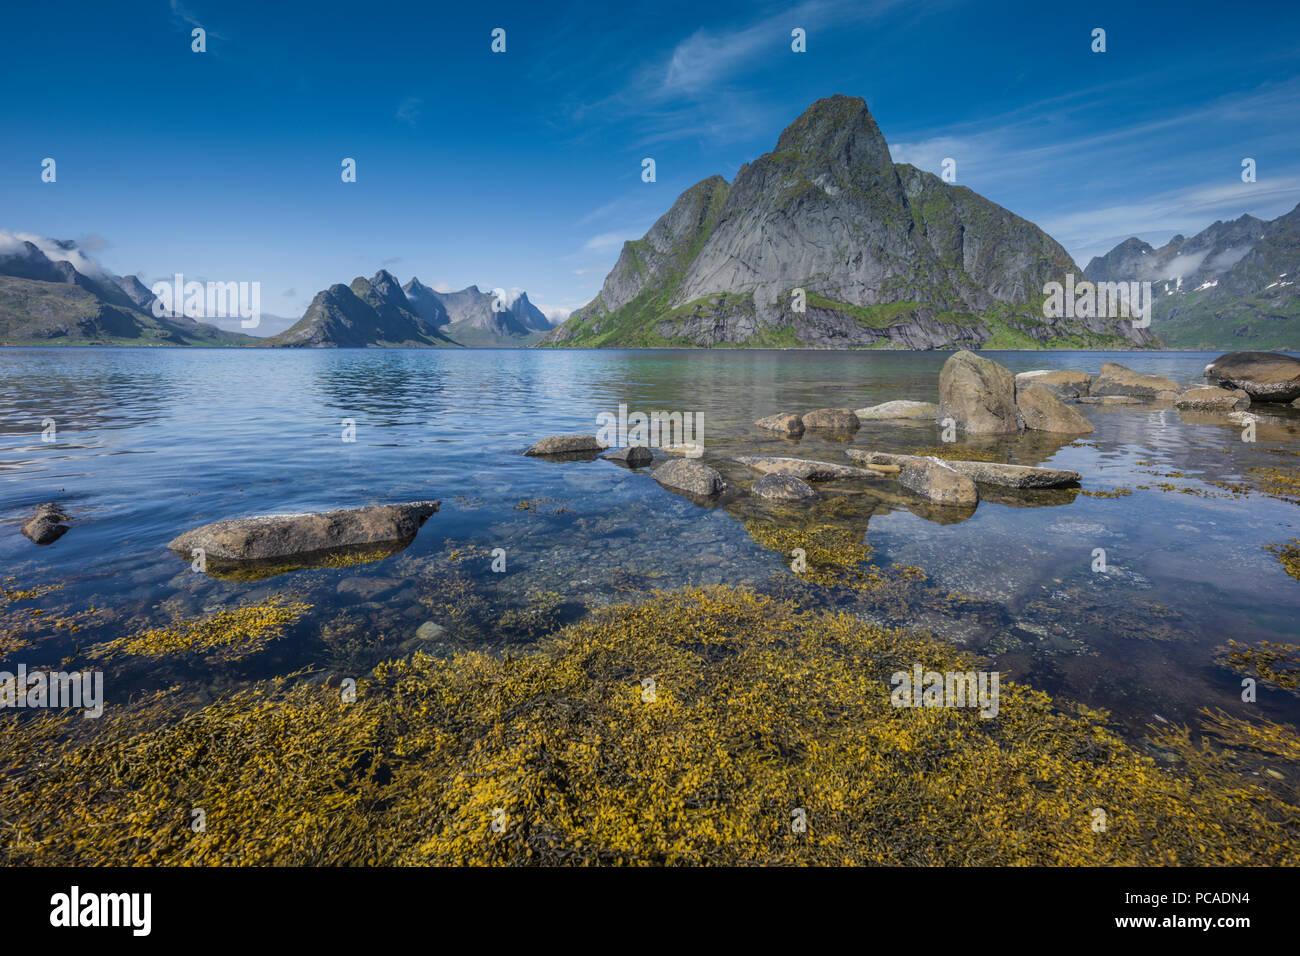 Mount Olstinden close to Reine, Lofoten Islands, Norway. Stock Photo